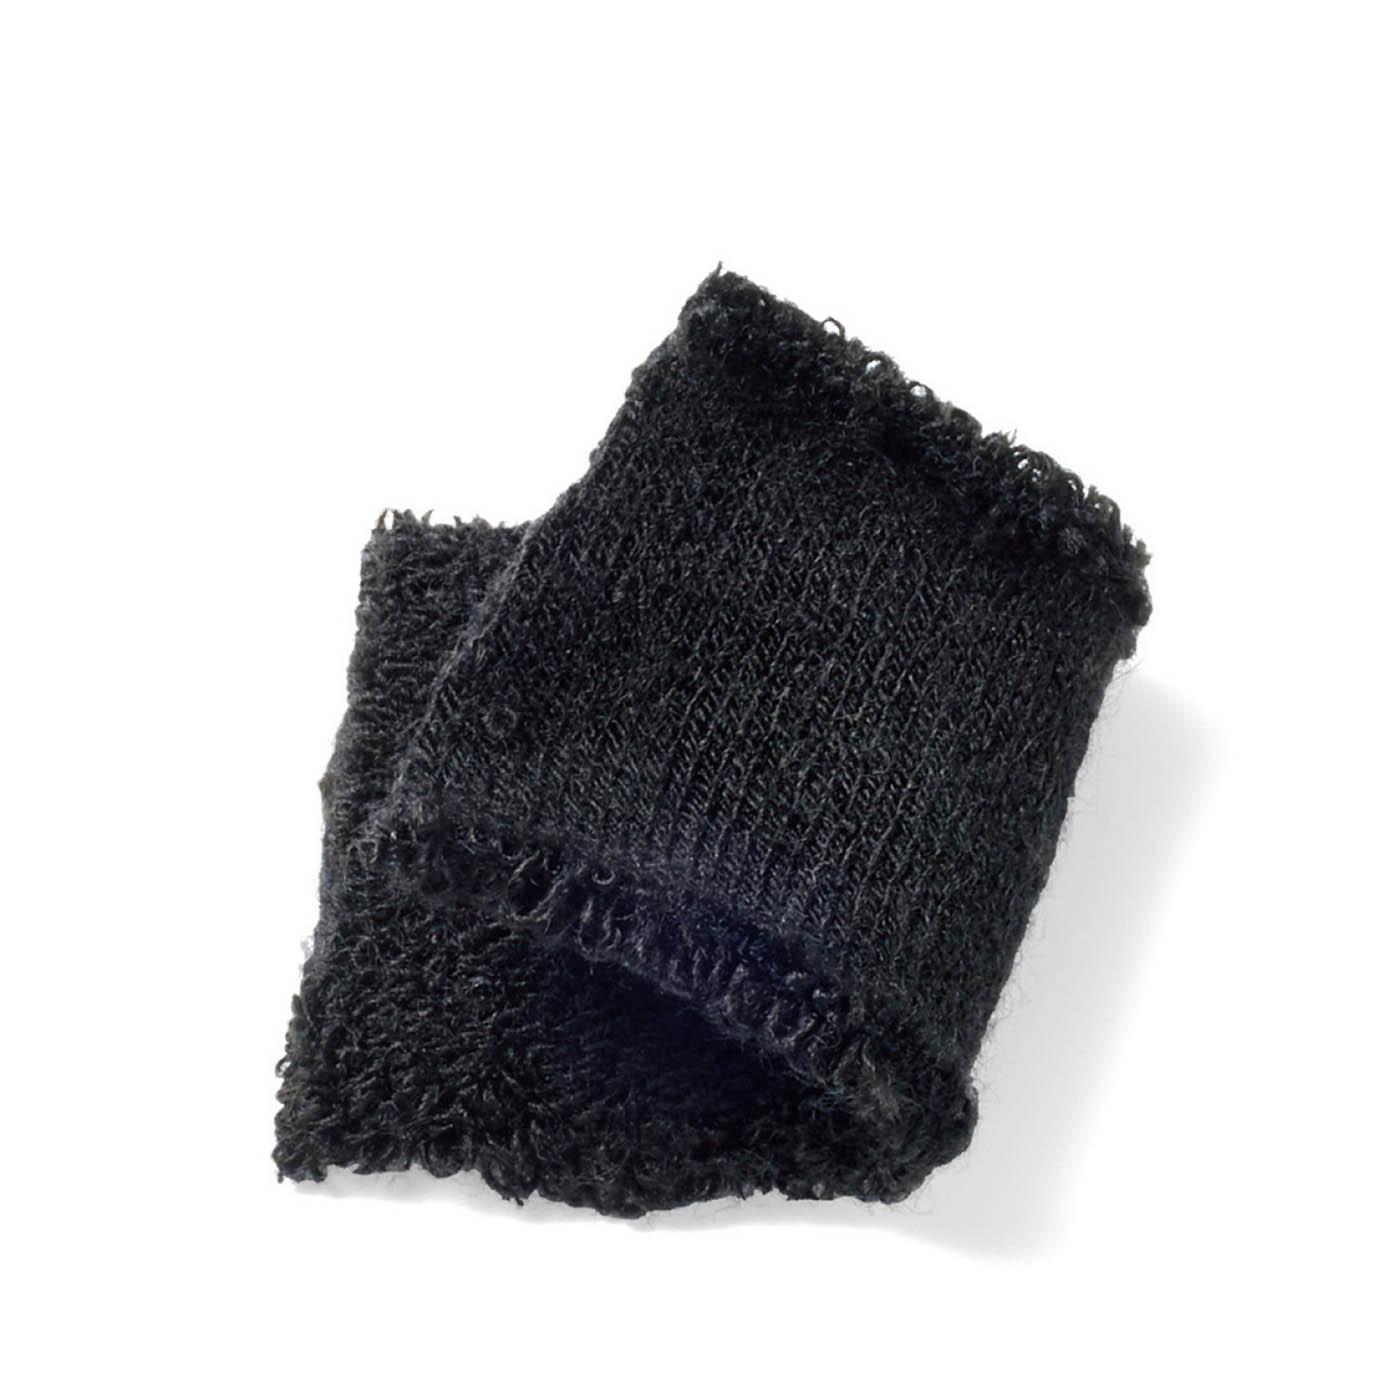 欲しいのは定番のブラック どんな服装にも合わせやすく、着こなしを引き締めてくれる安定のブラックを作りました。